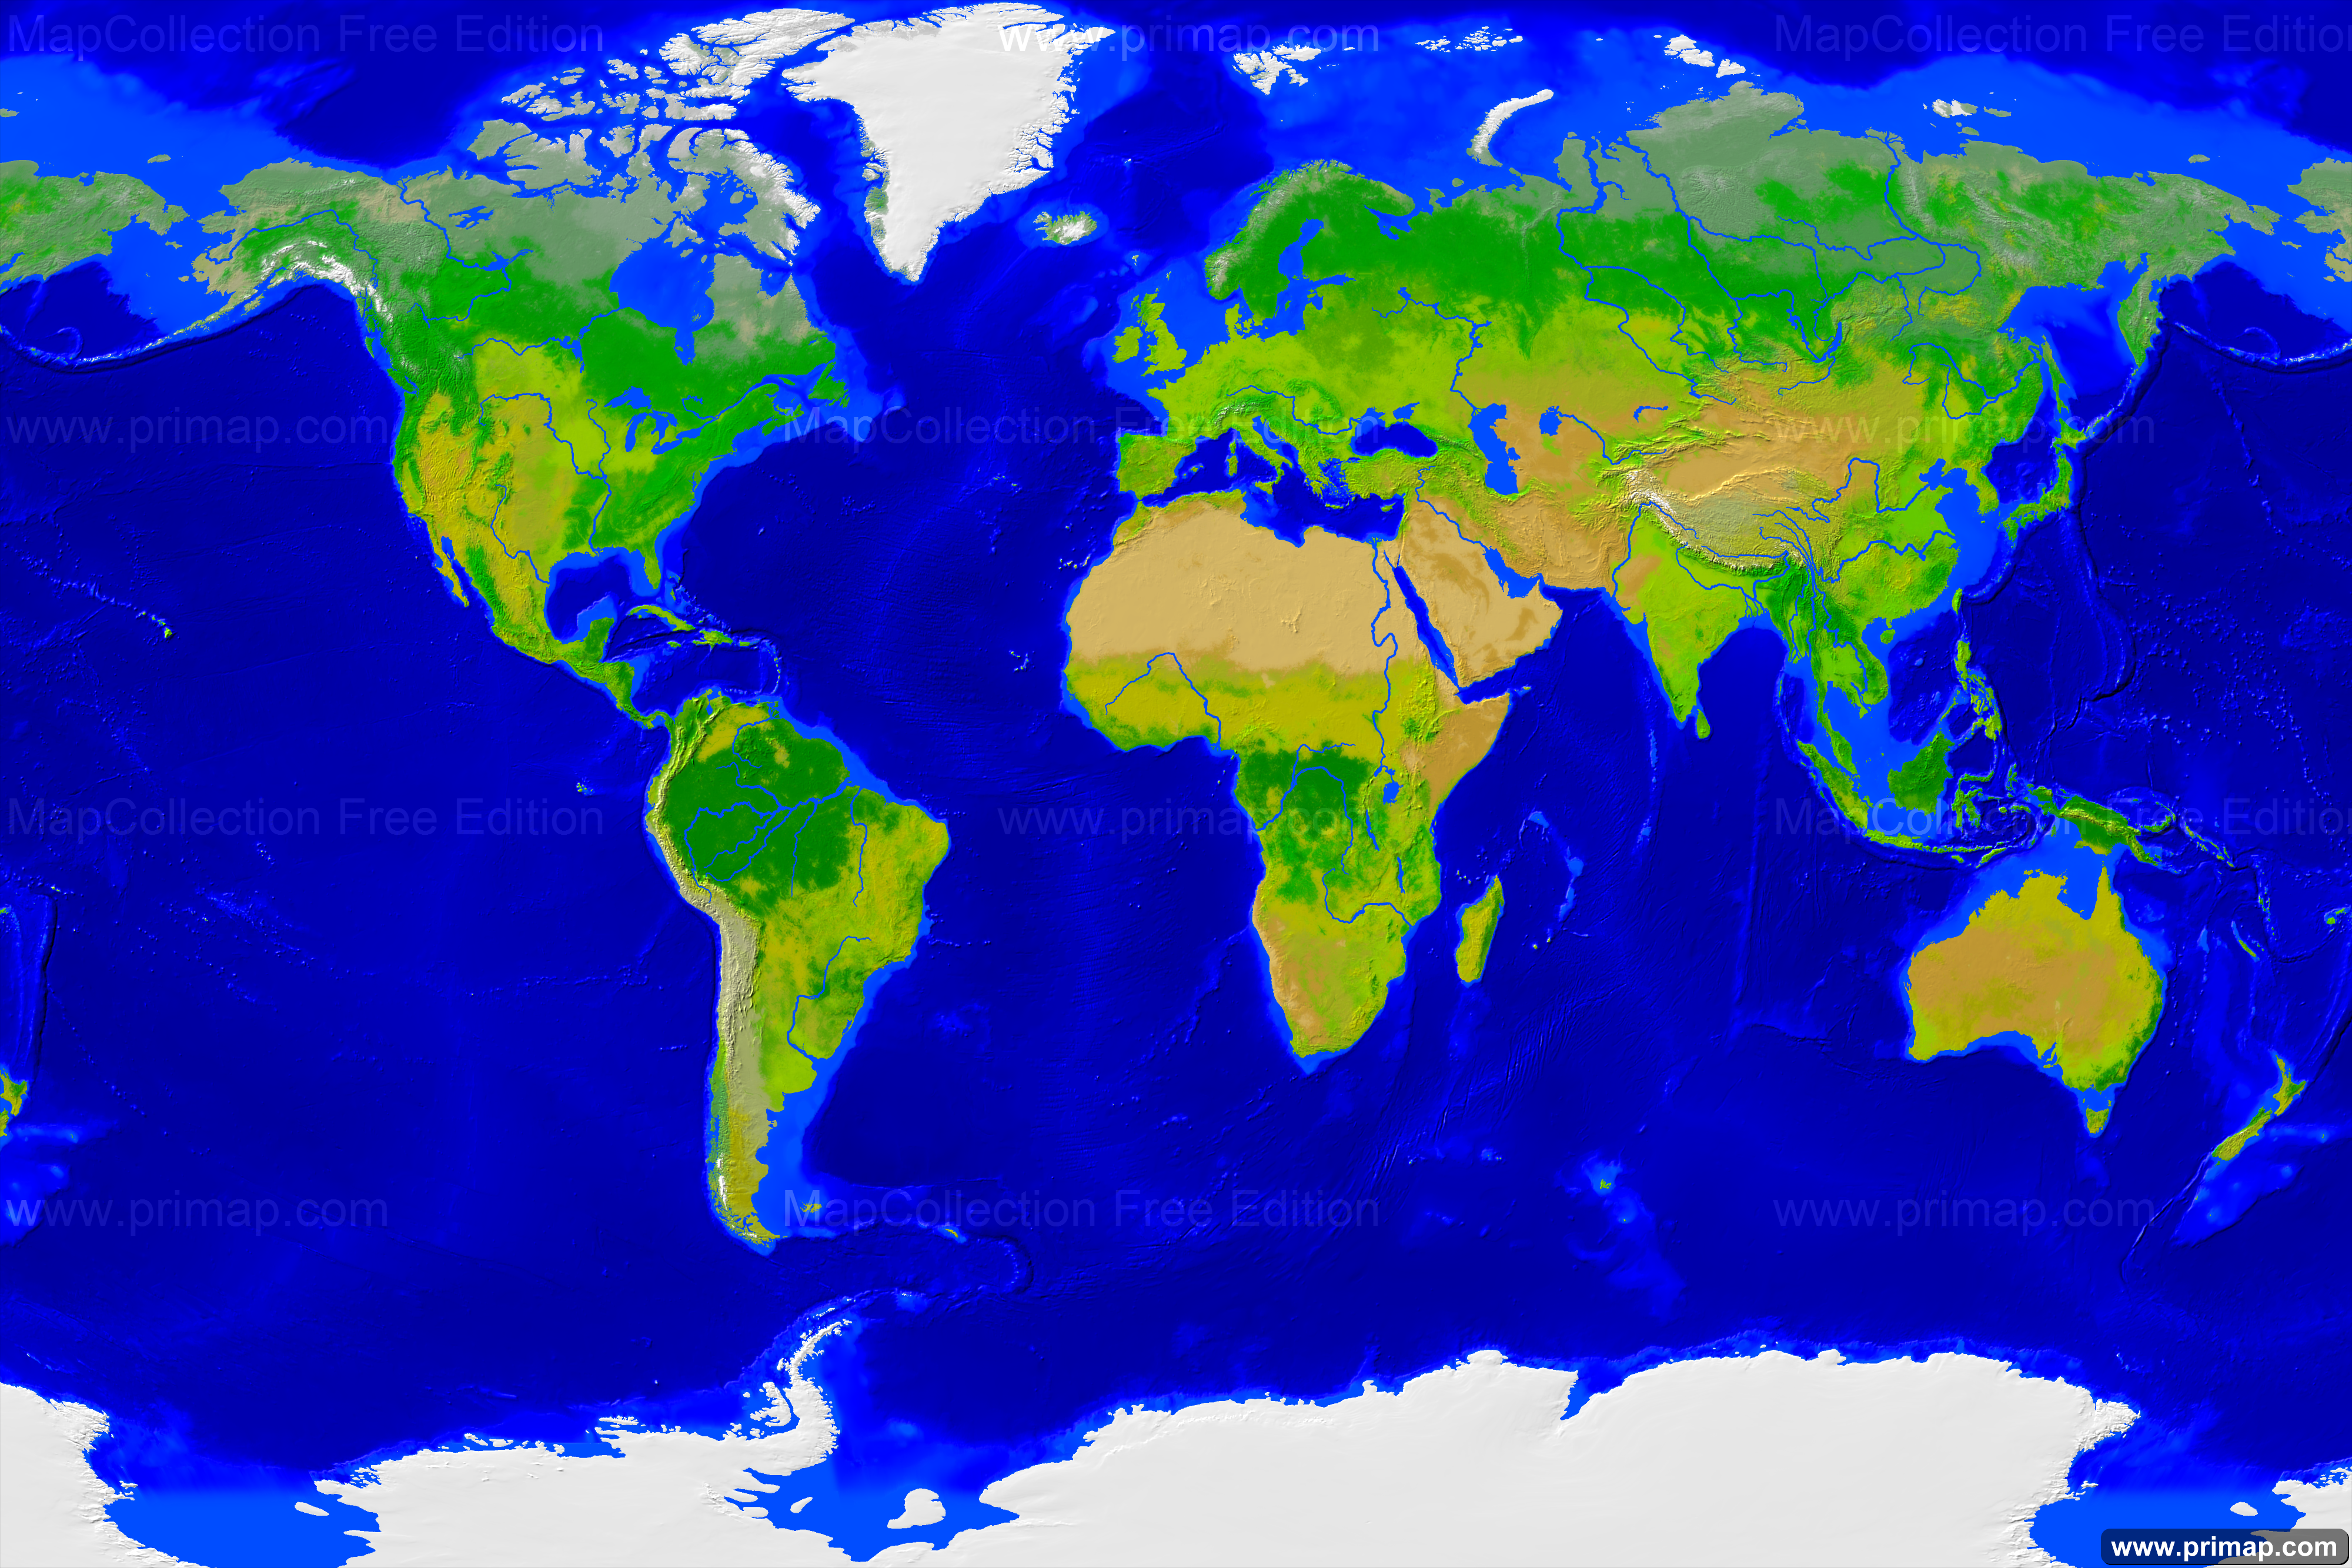 Primap Weltkarten